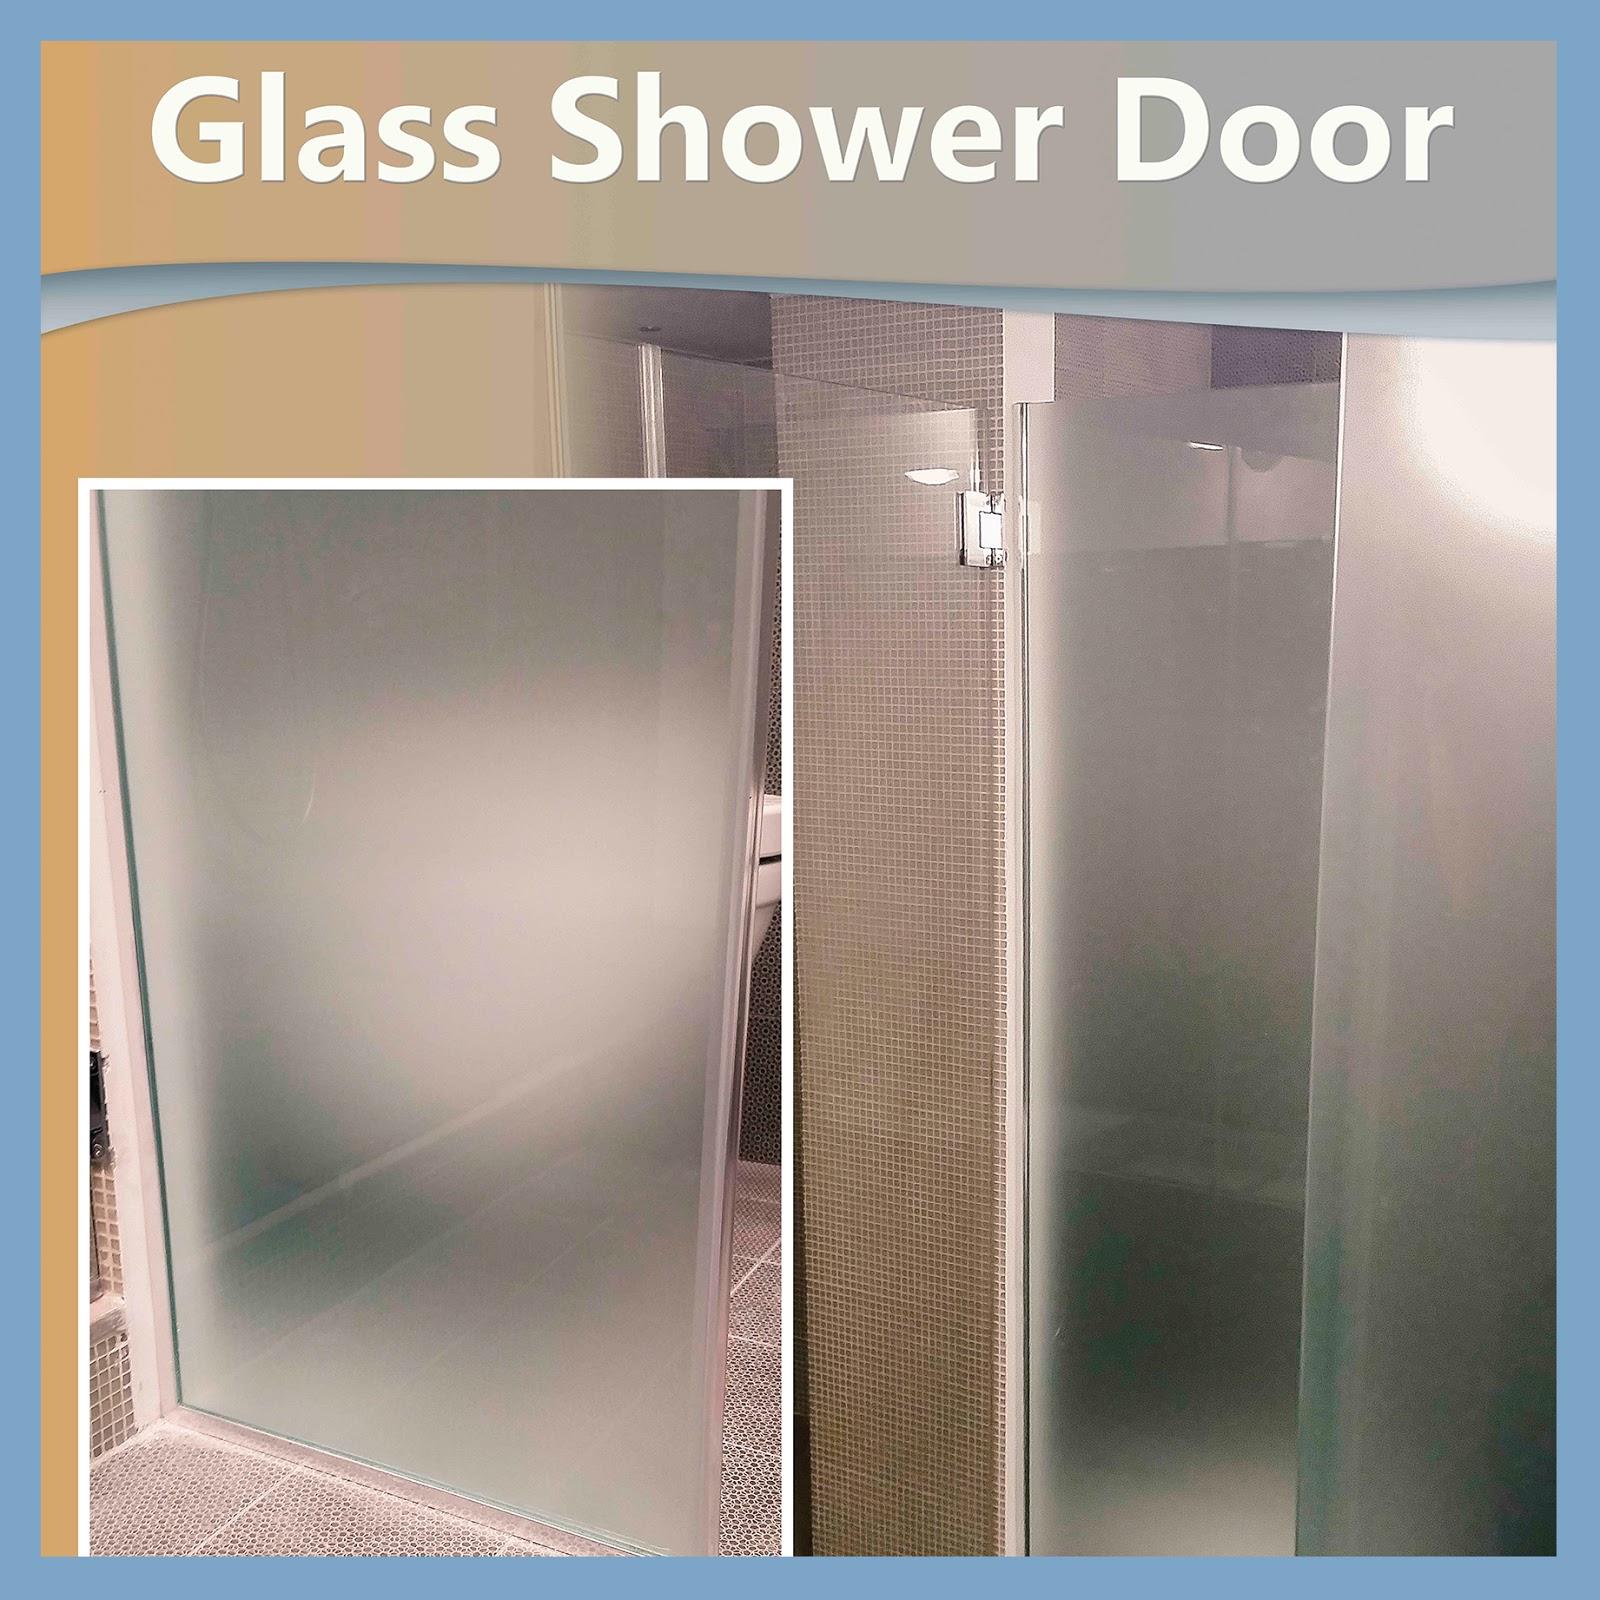 Glass Shower Door | showerdoorinstallationnyc.com